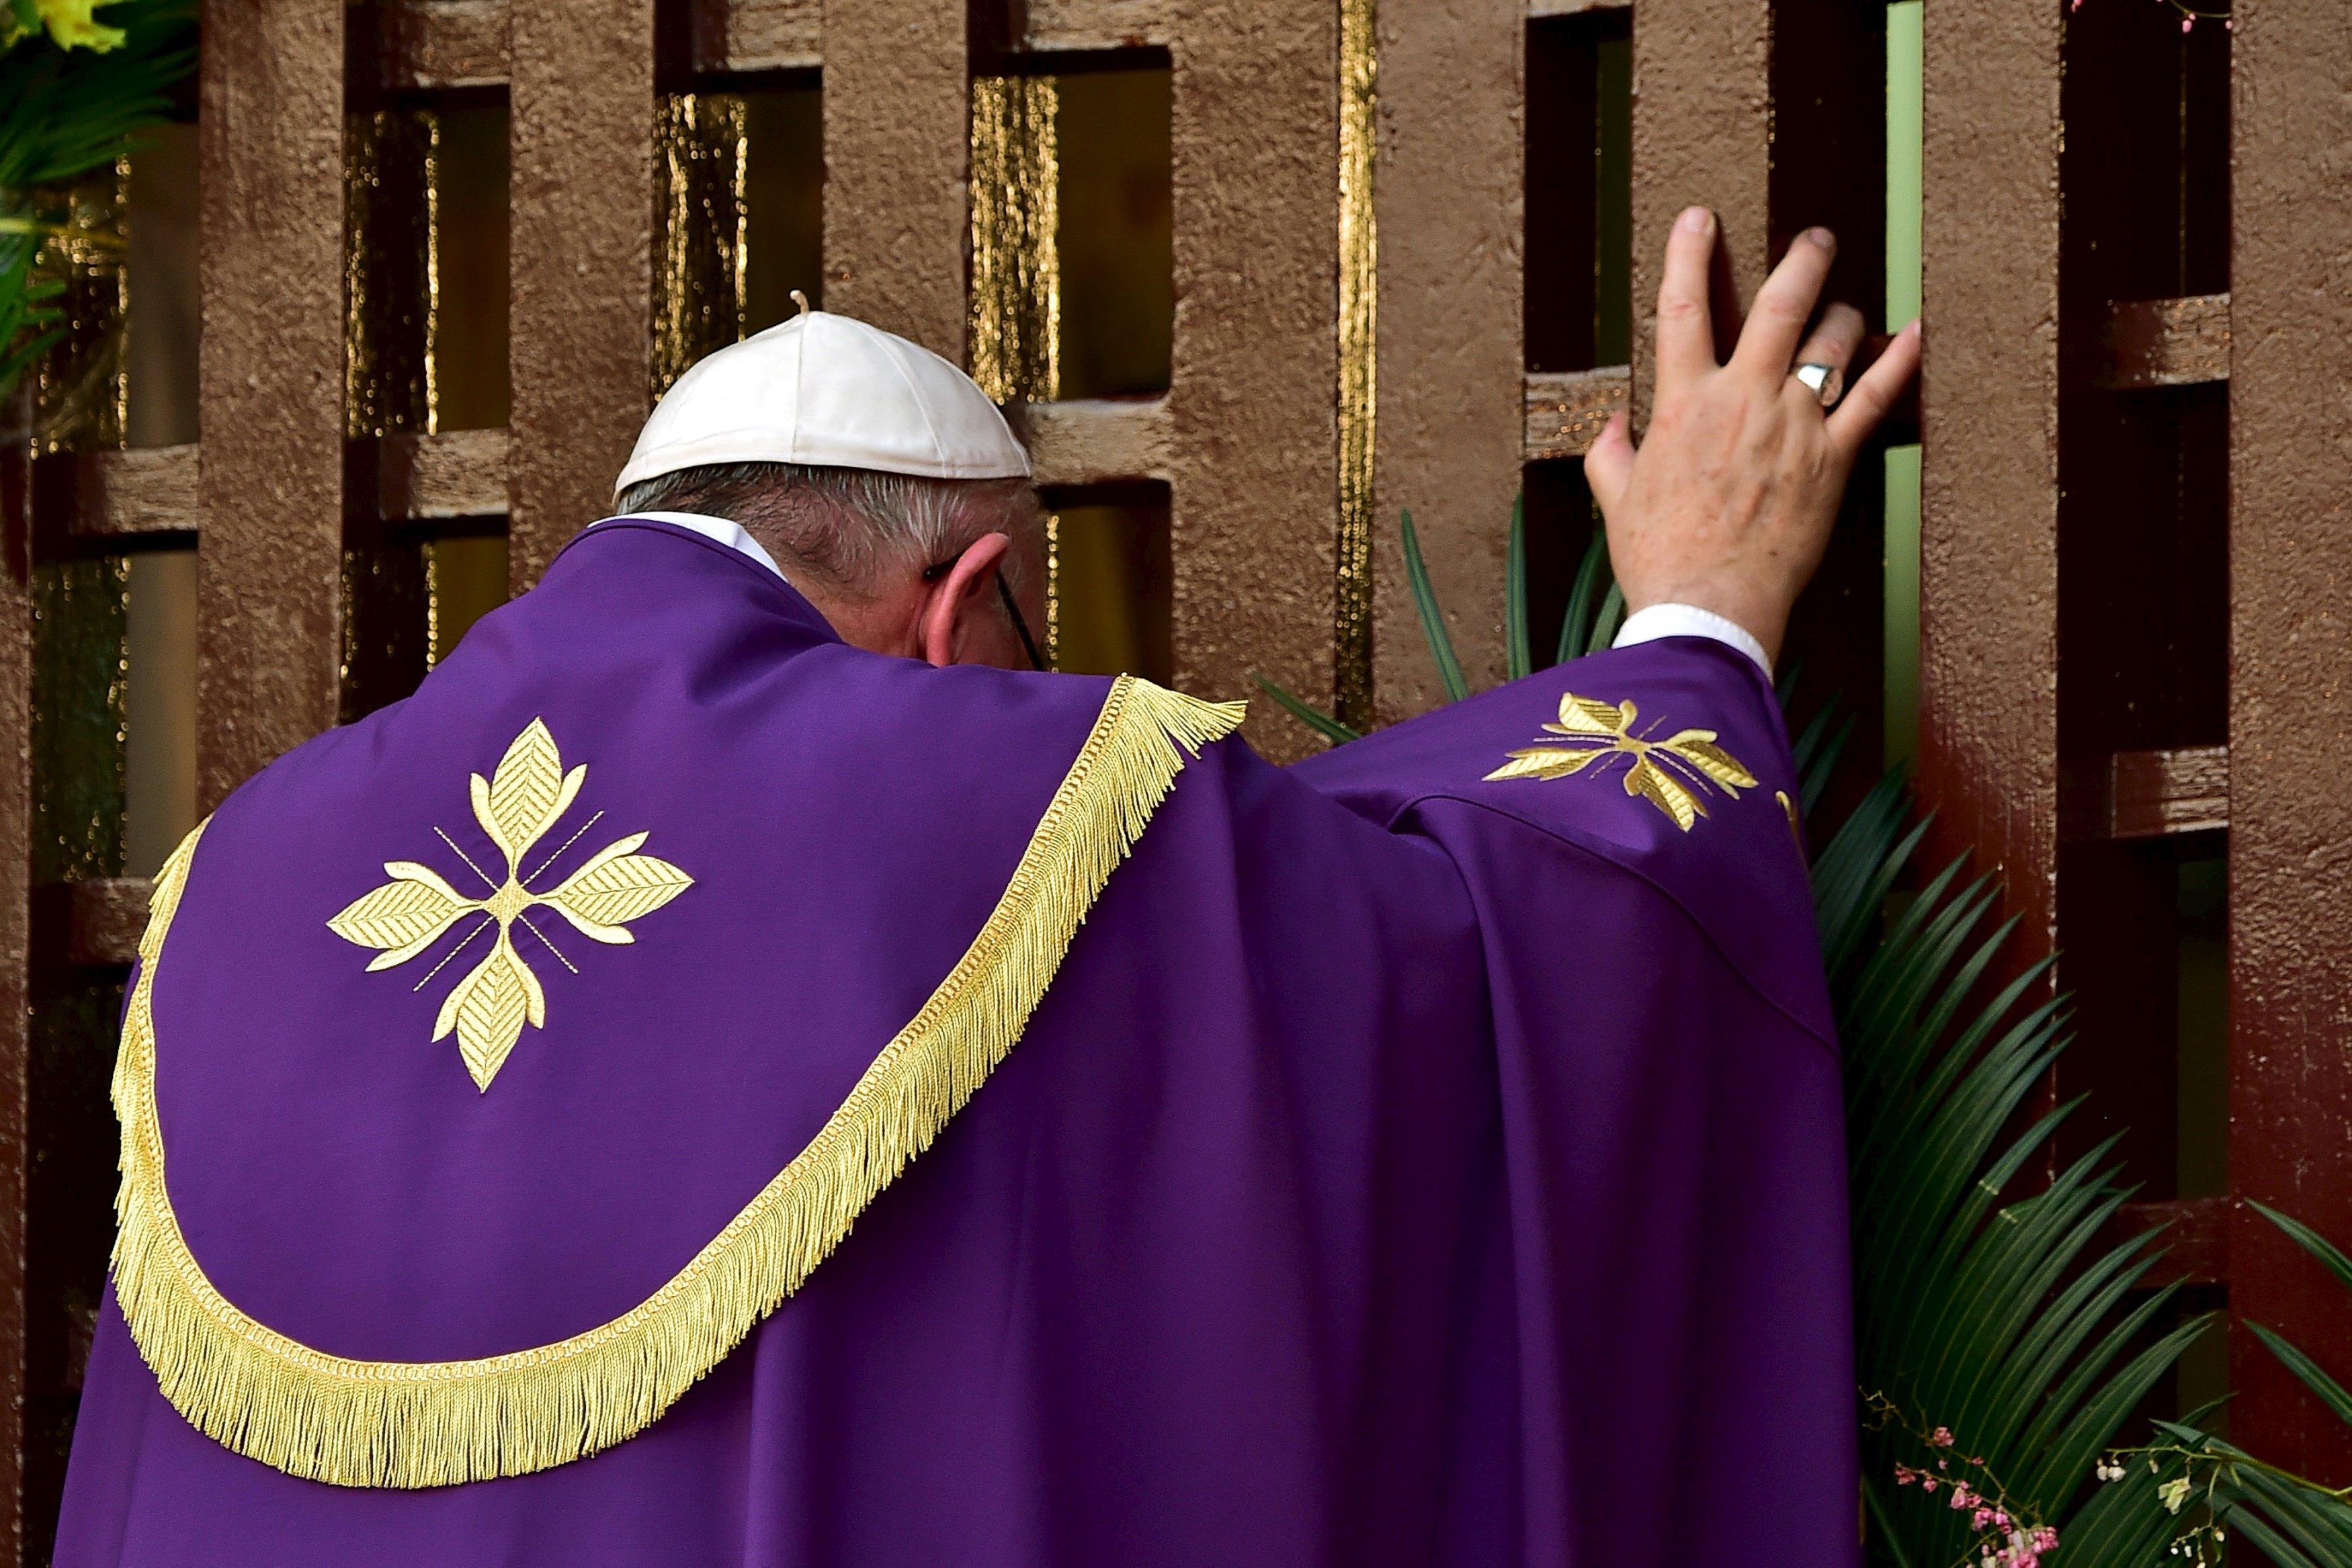 Papa francesco in centrafrica apre la porta santa del giubileo - Immagini porta santa ...